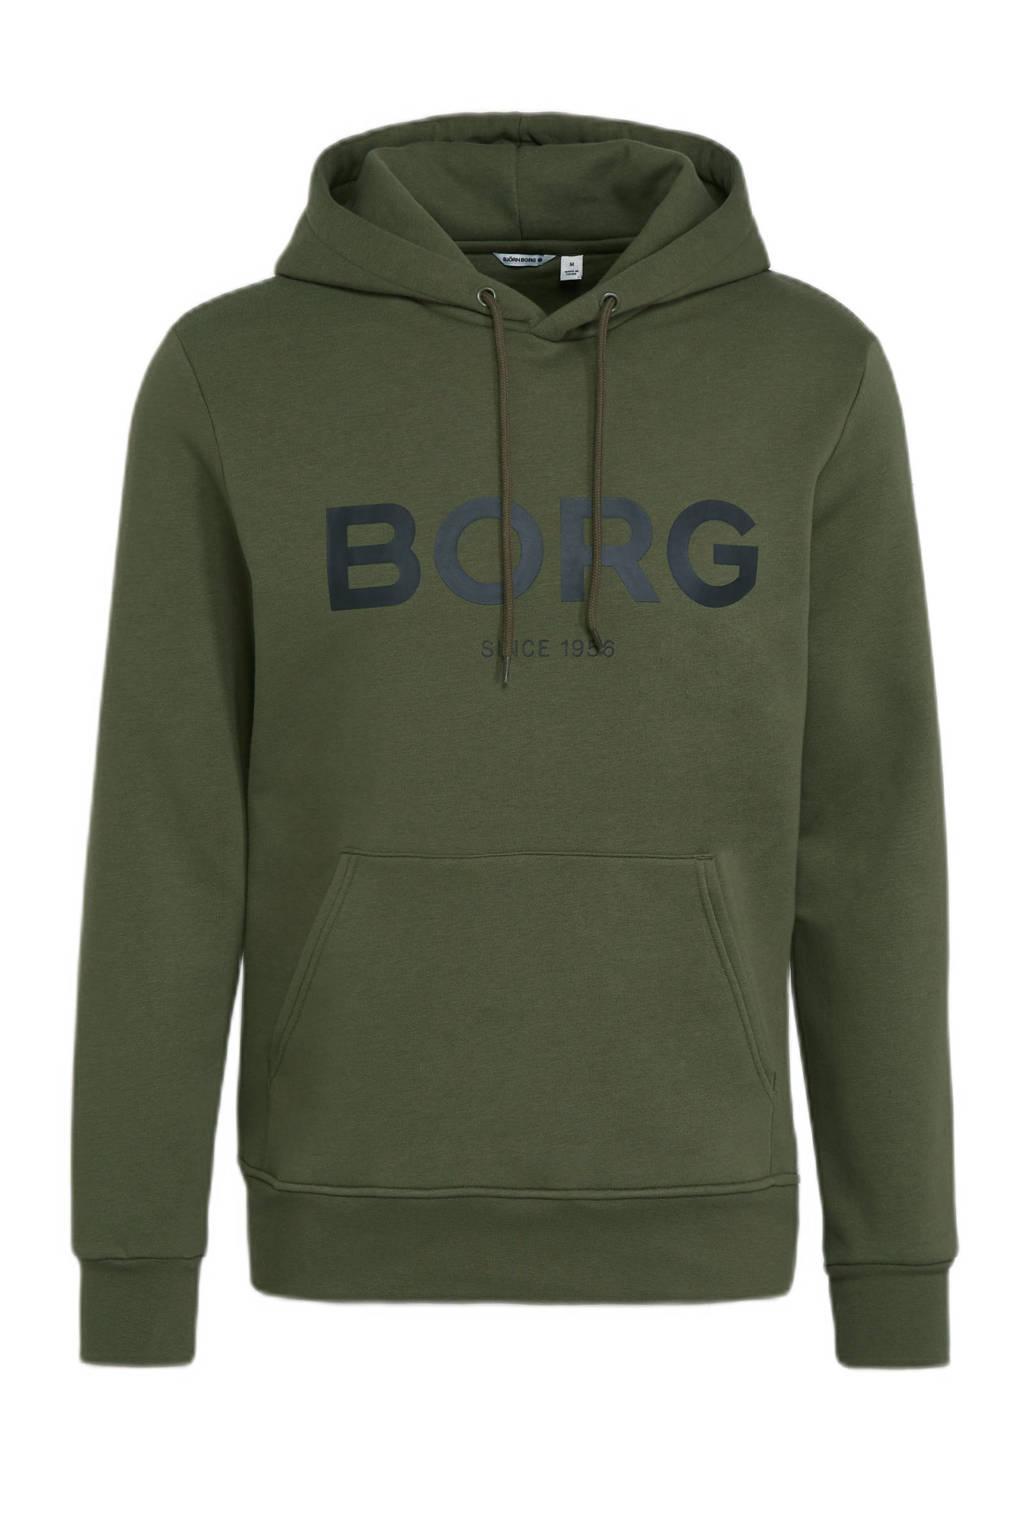 Björn Borg   sporthoodie groen, Groen